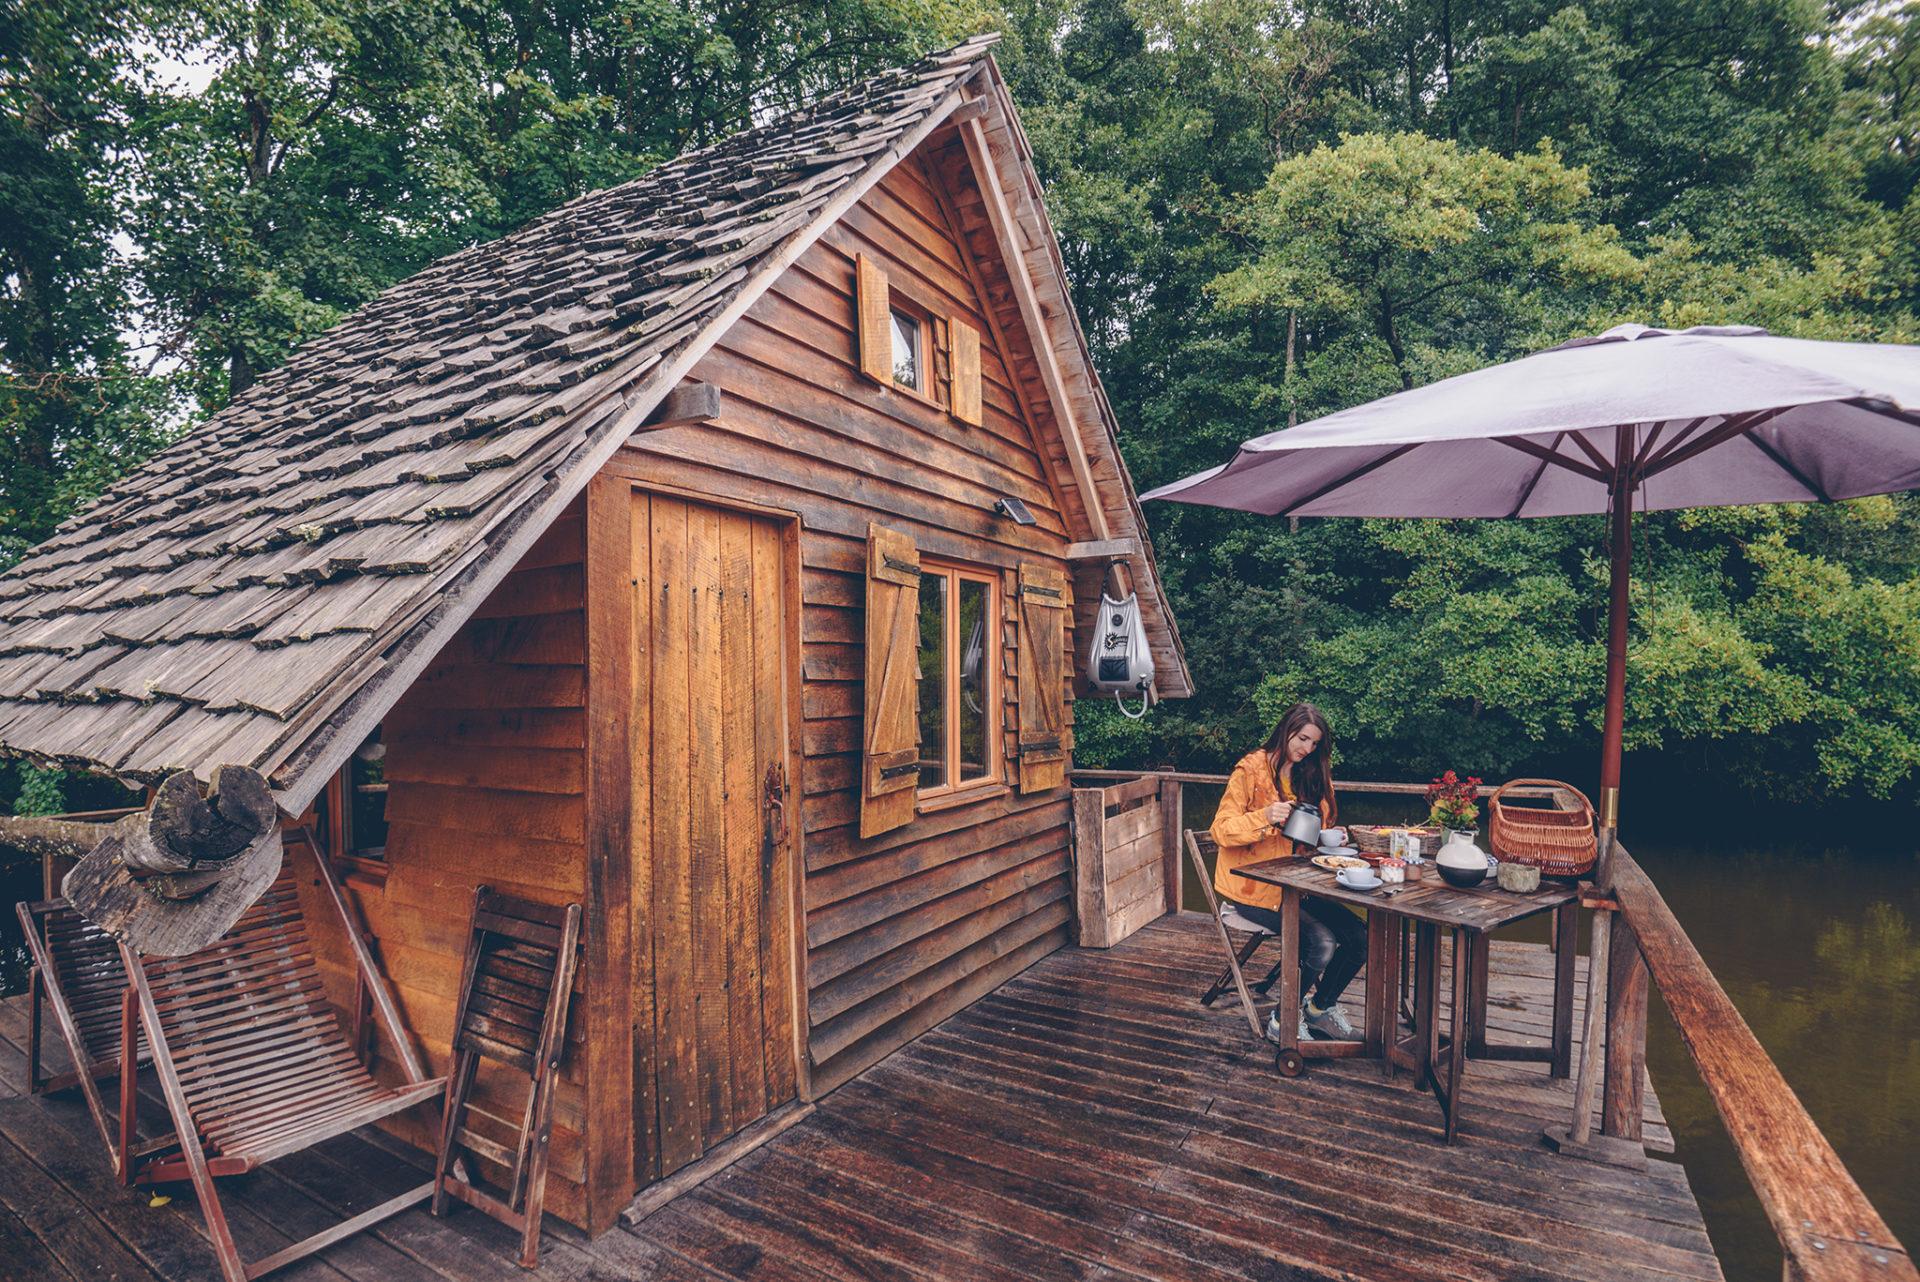 dormir dans une cabane sur l'eau, une expérience inoubliable !